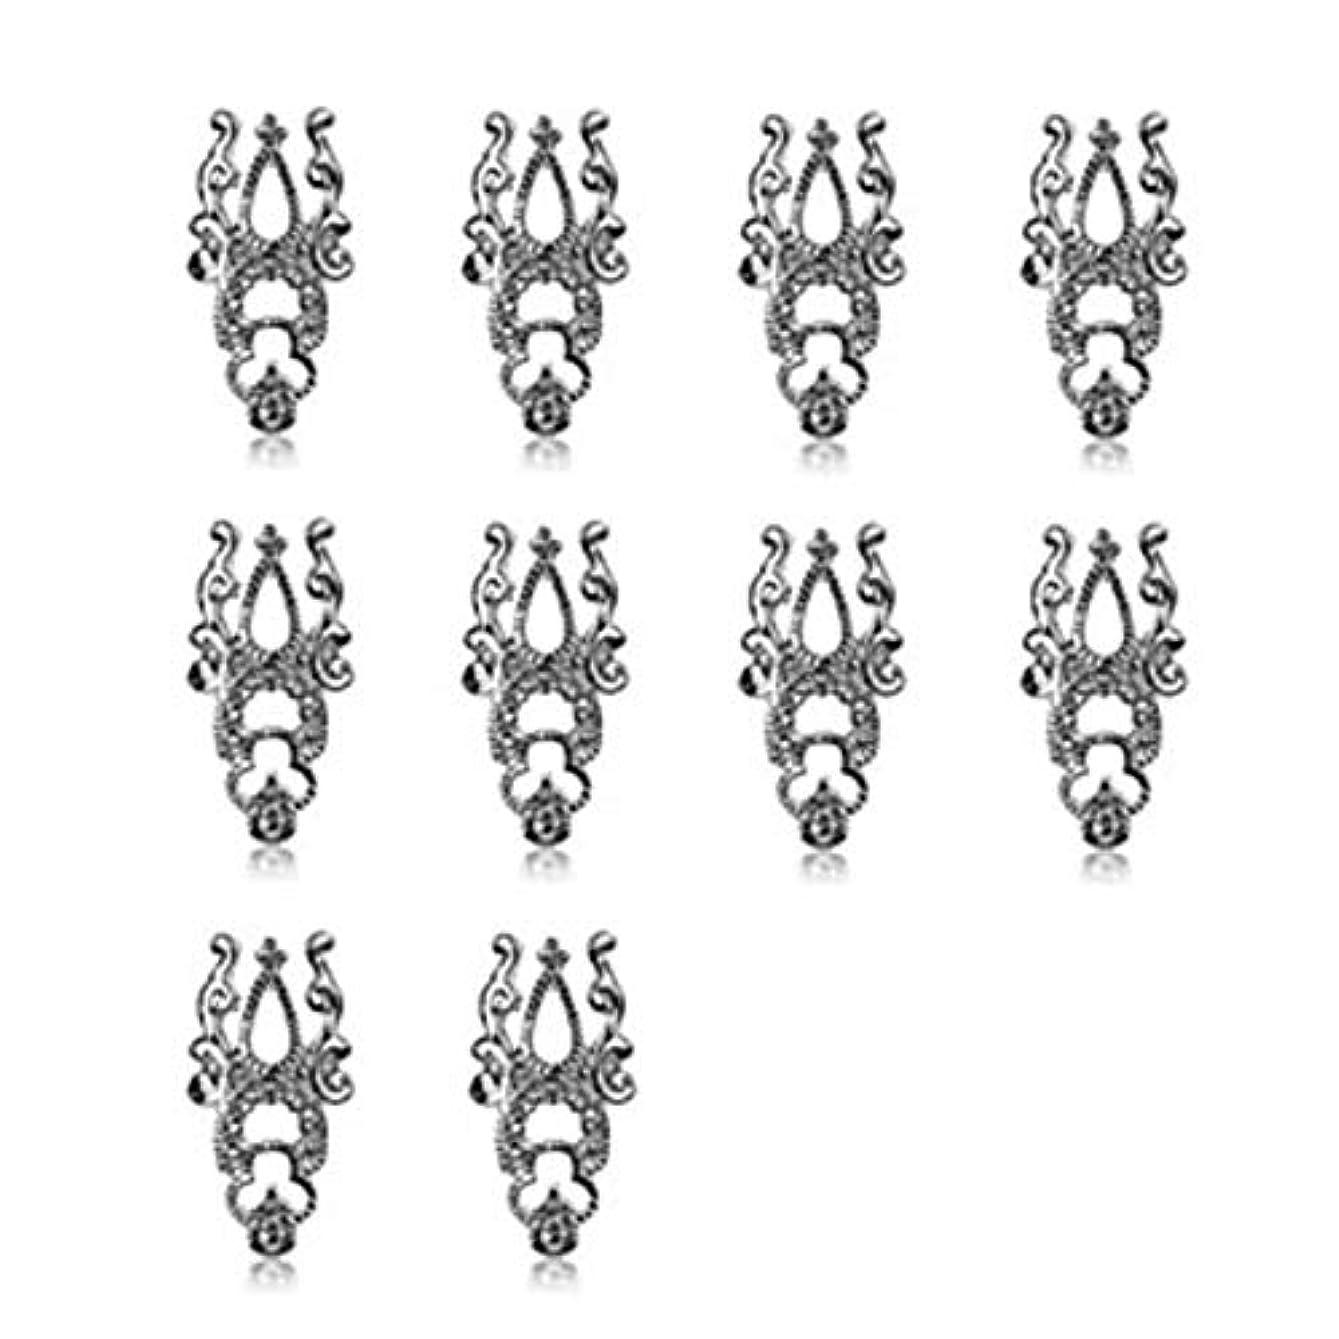 祈り血見つけた10ピース3d中空ネイルアート合金のヒント装飾ジュエリーキラキララインストーン,Silver